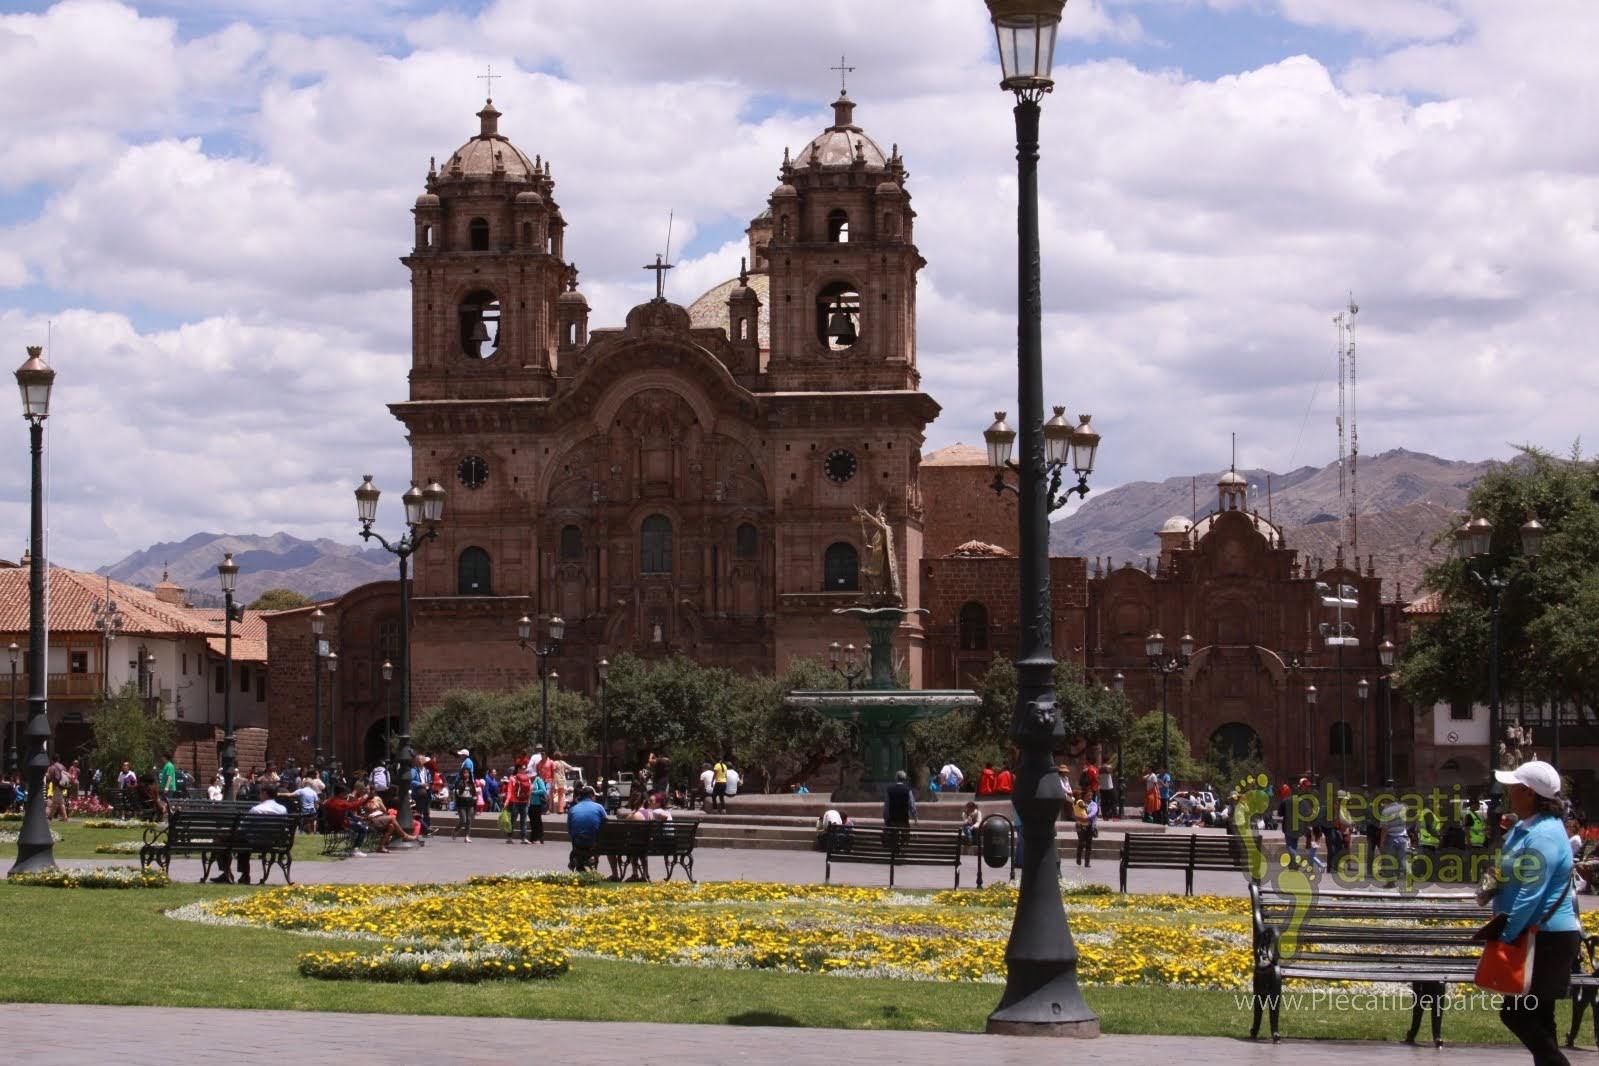 Catedrala Cusco, in Plaza mayor sau Plaza de Armas, in Cusco, Peru